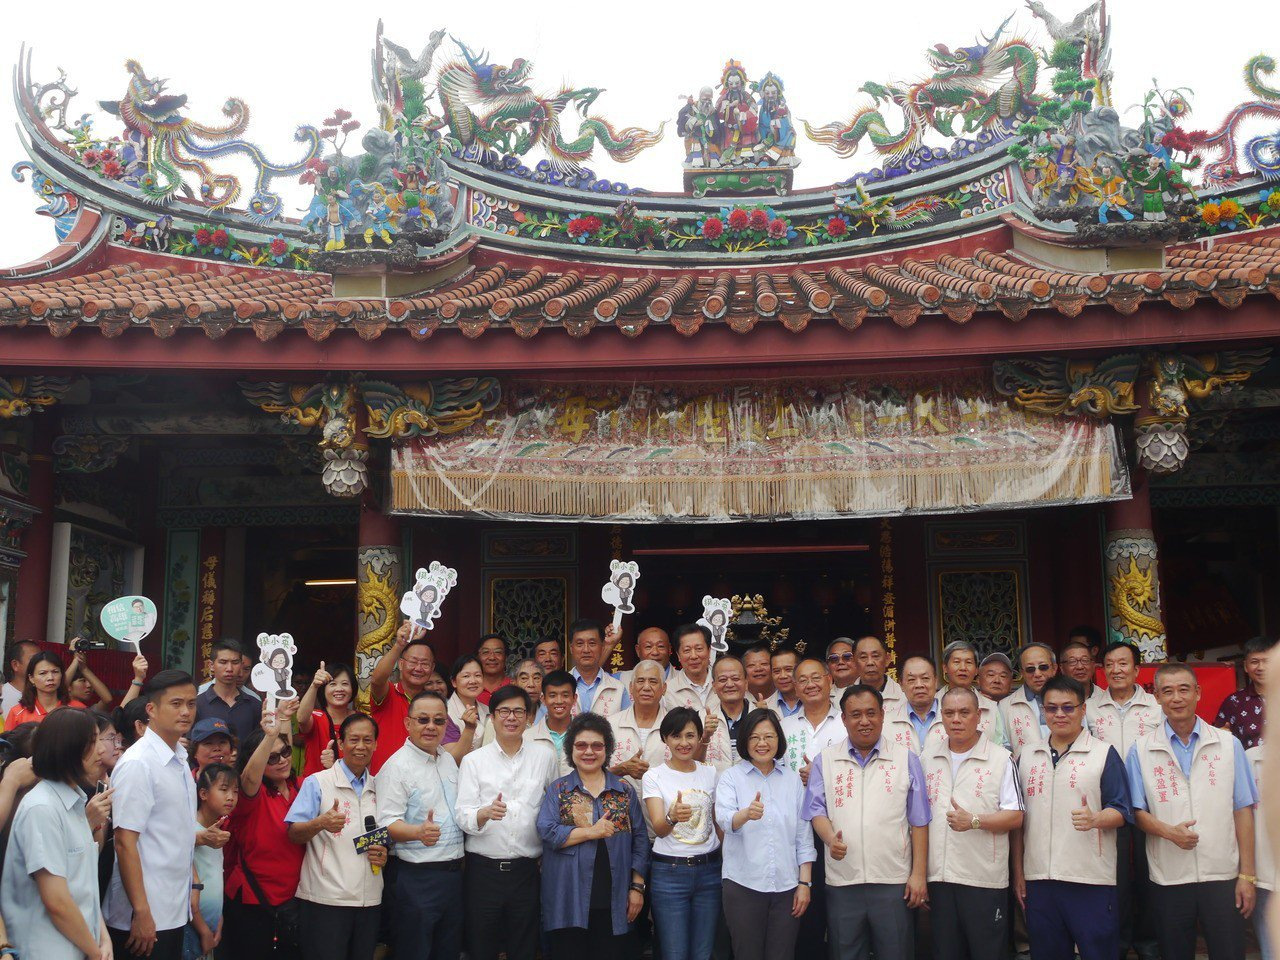 總統蔡英文率團隊今天下午參拜高雄旗山天后宮,細數執政3年成績。記者徐白櫻/攝影